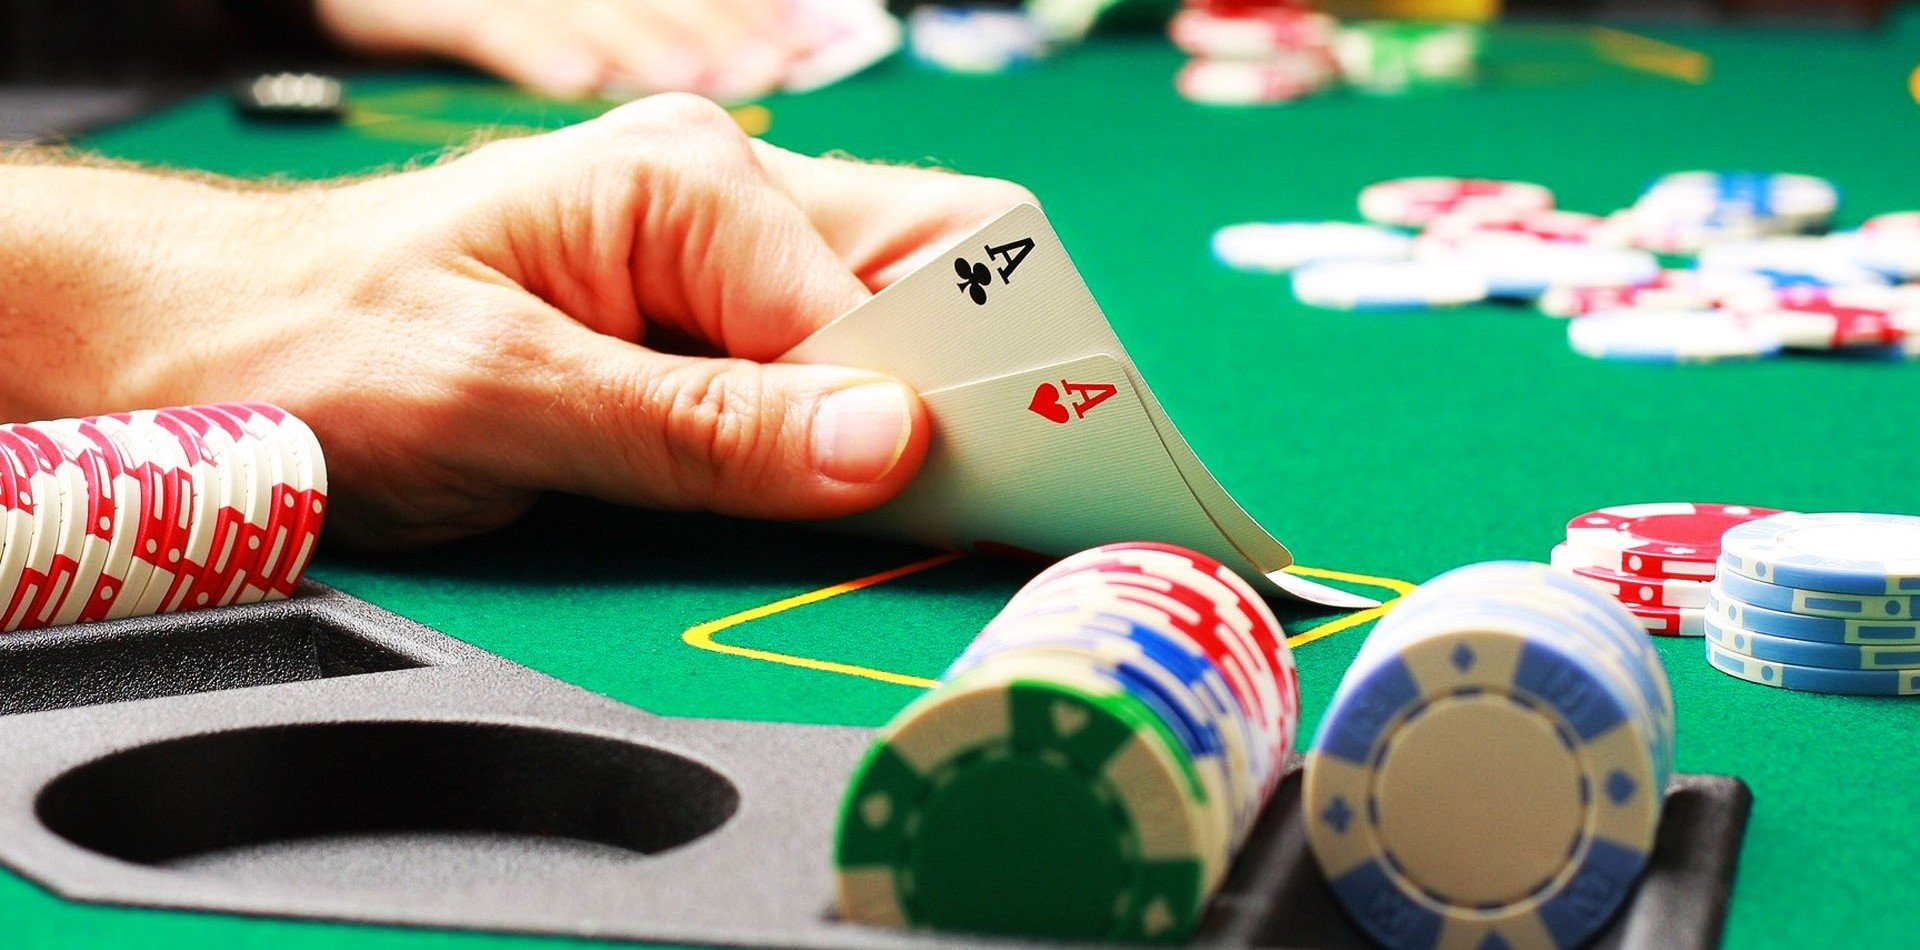 Apakah-itu-Permainan-Kartu-Taruhan-Poker